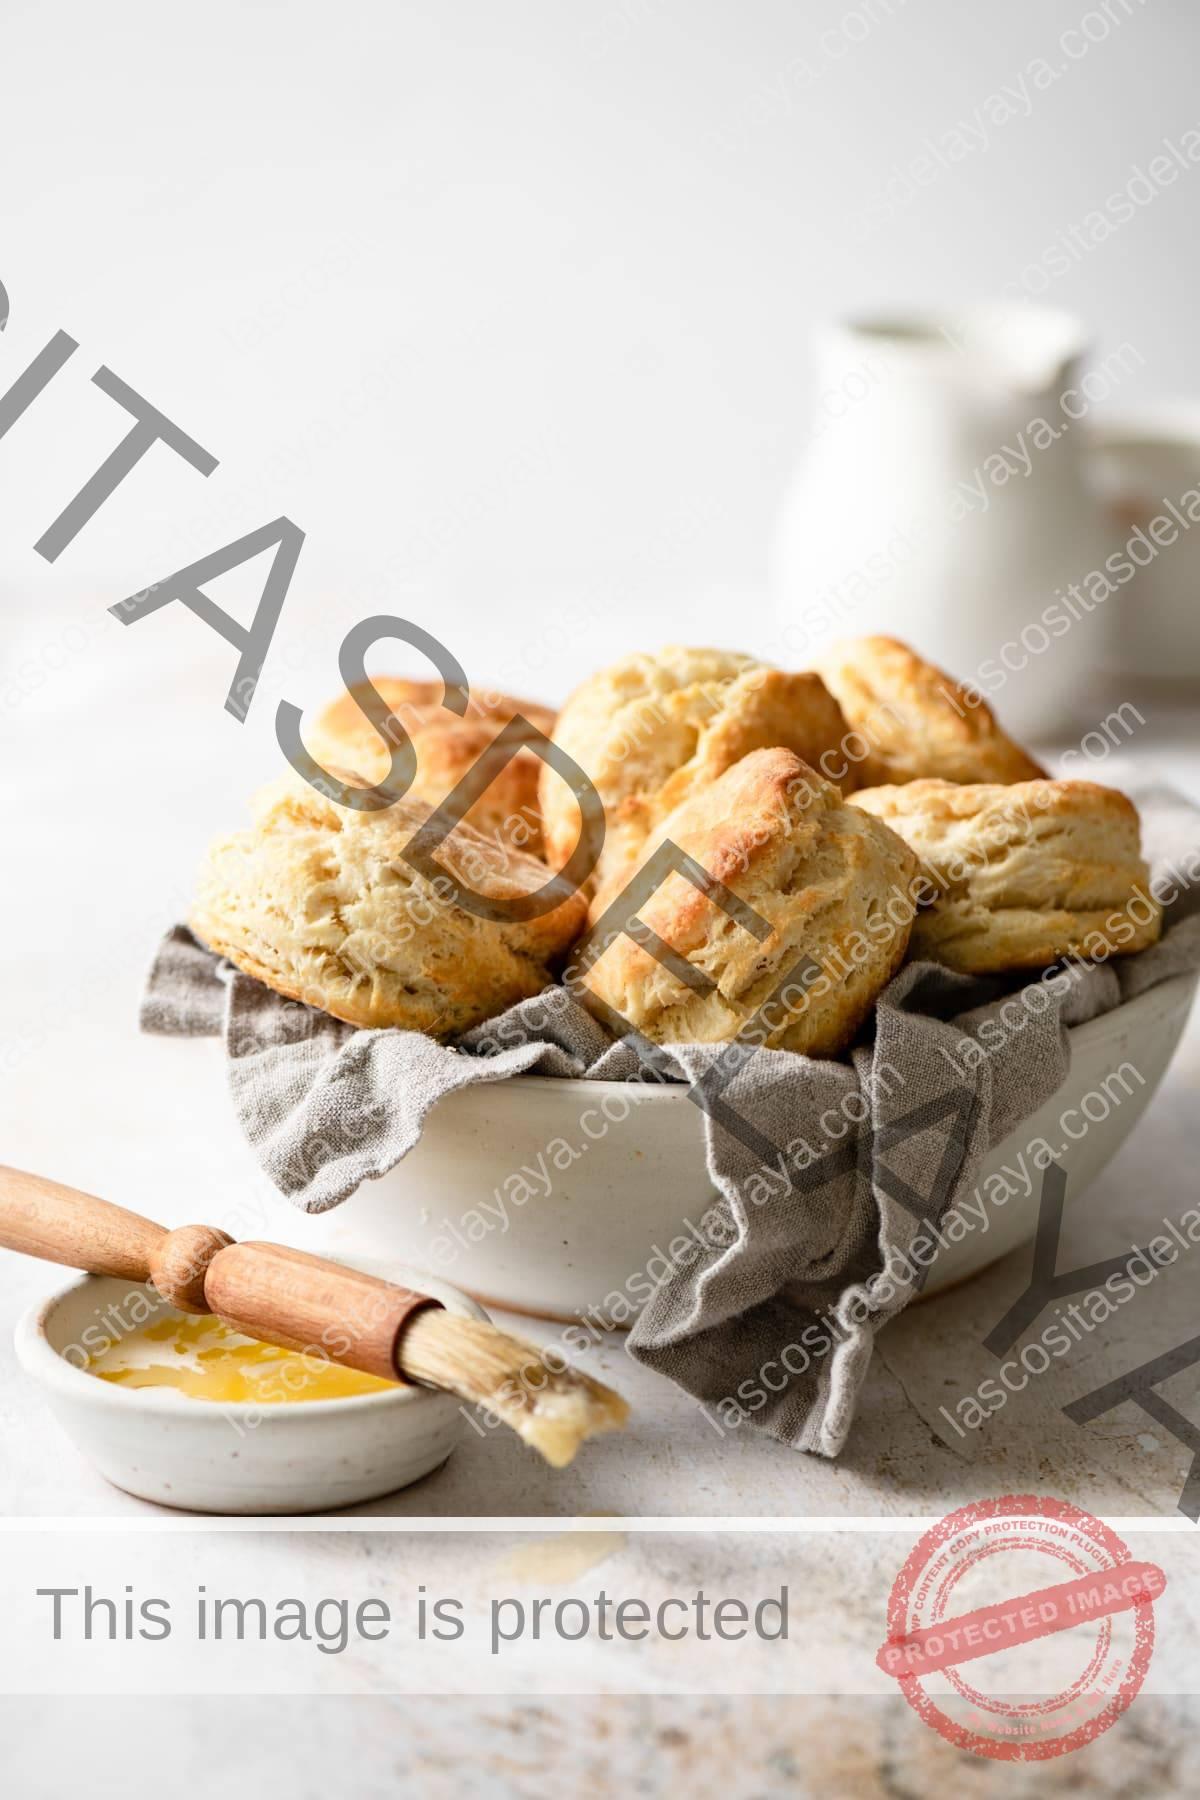 Cuenco lleno de galletas de suero de leche con un cepillo y mantequilla a un lado.